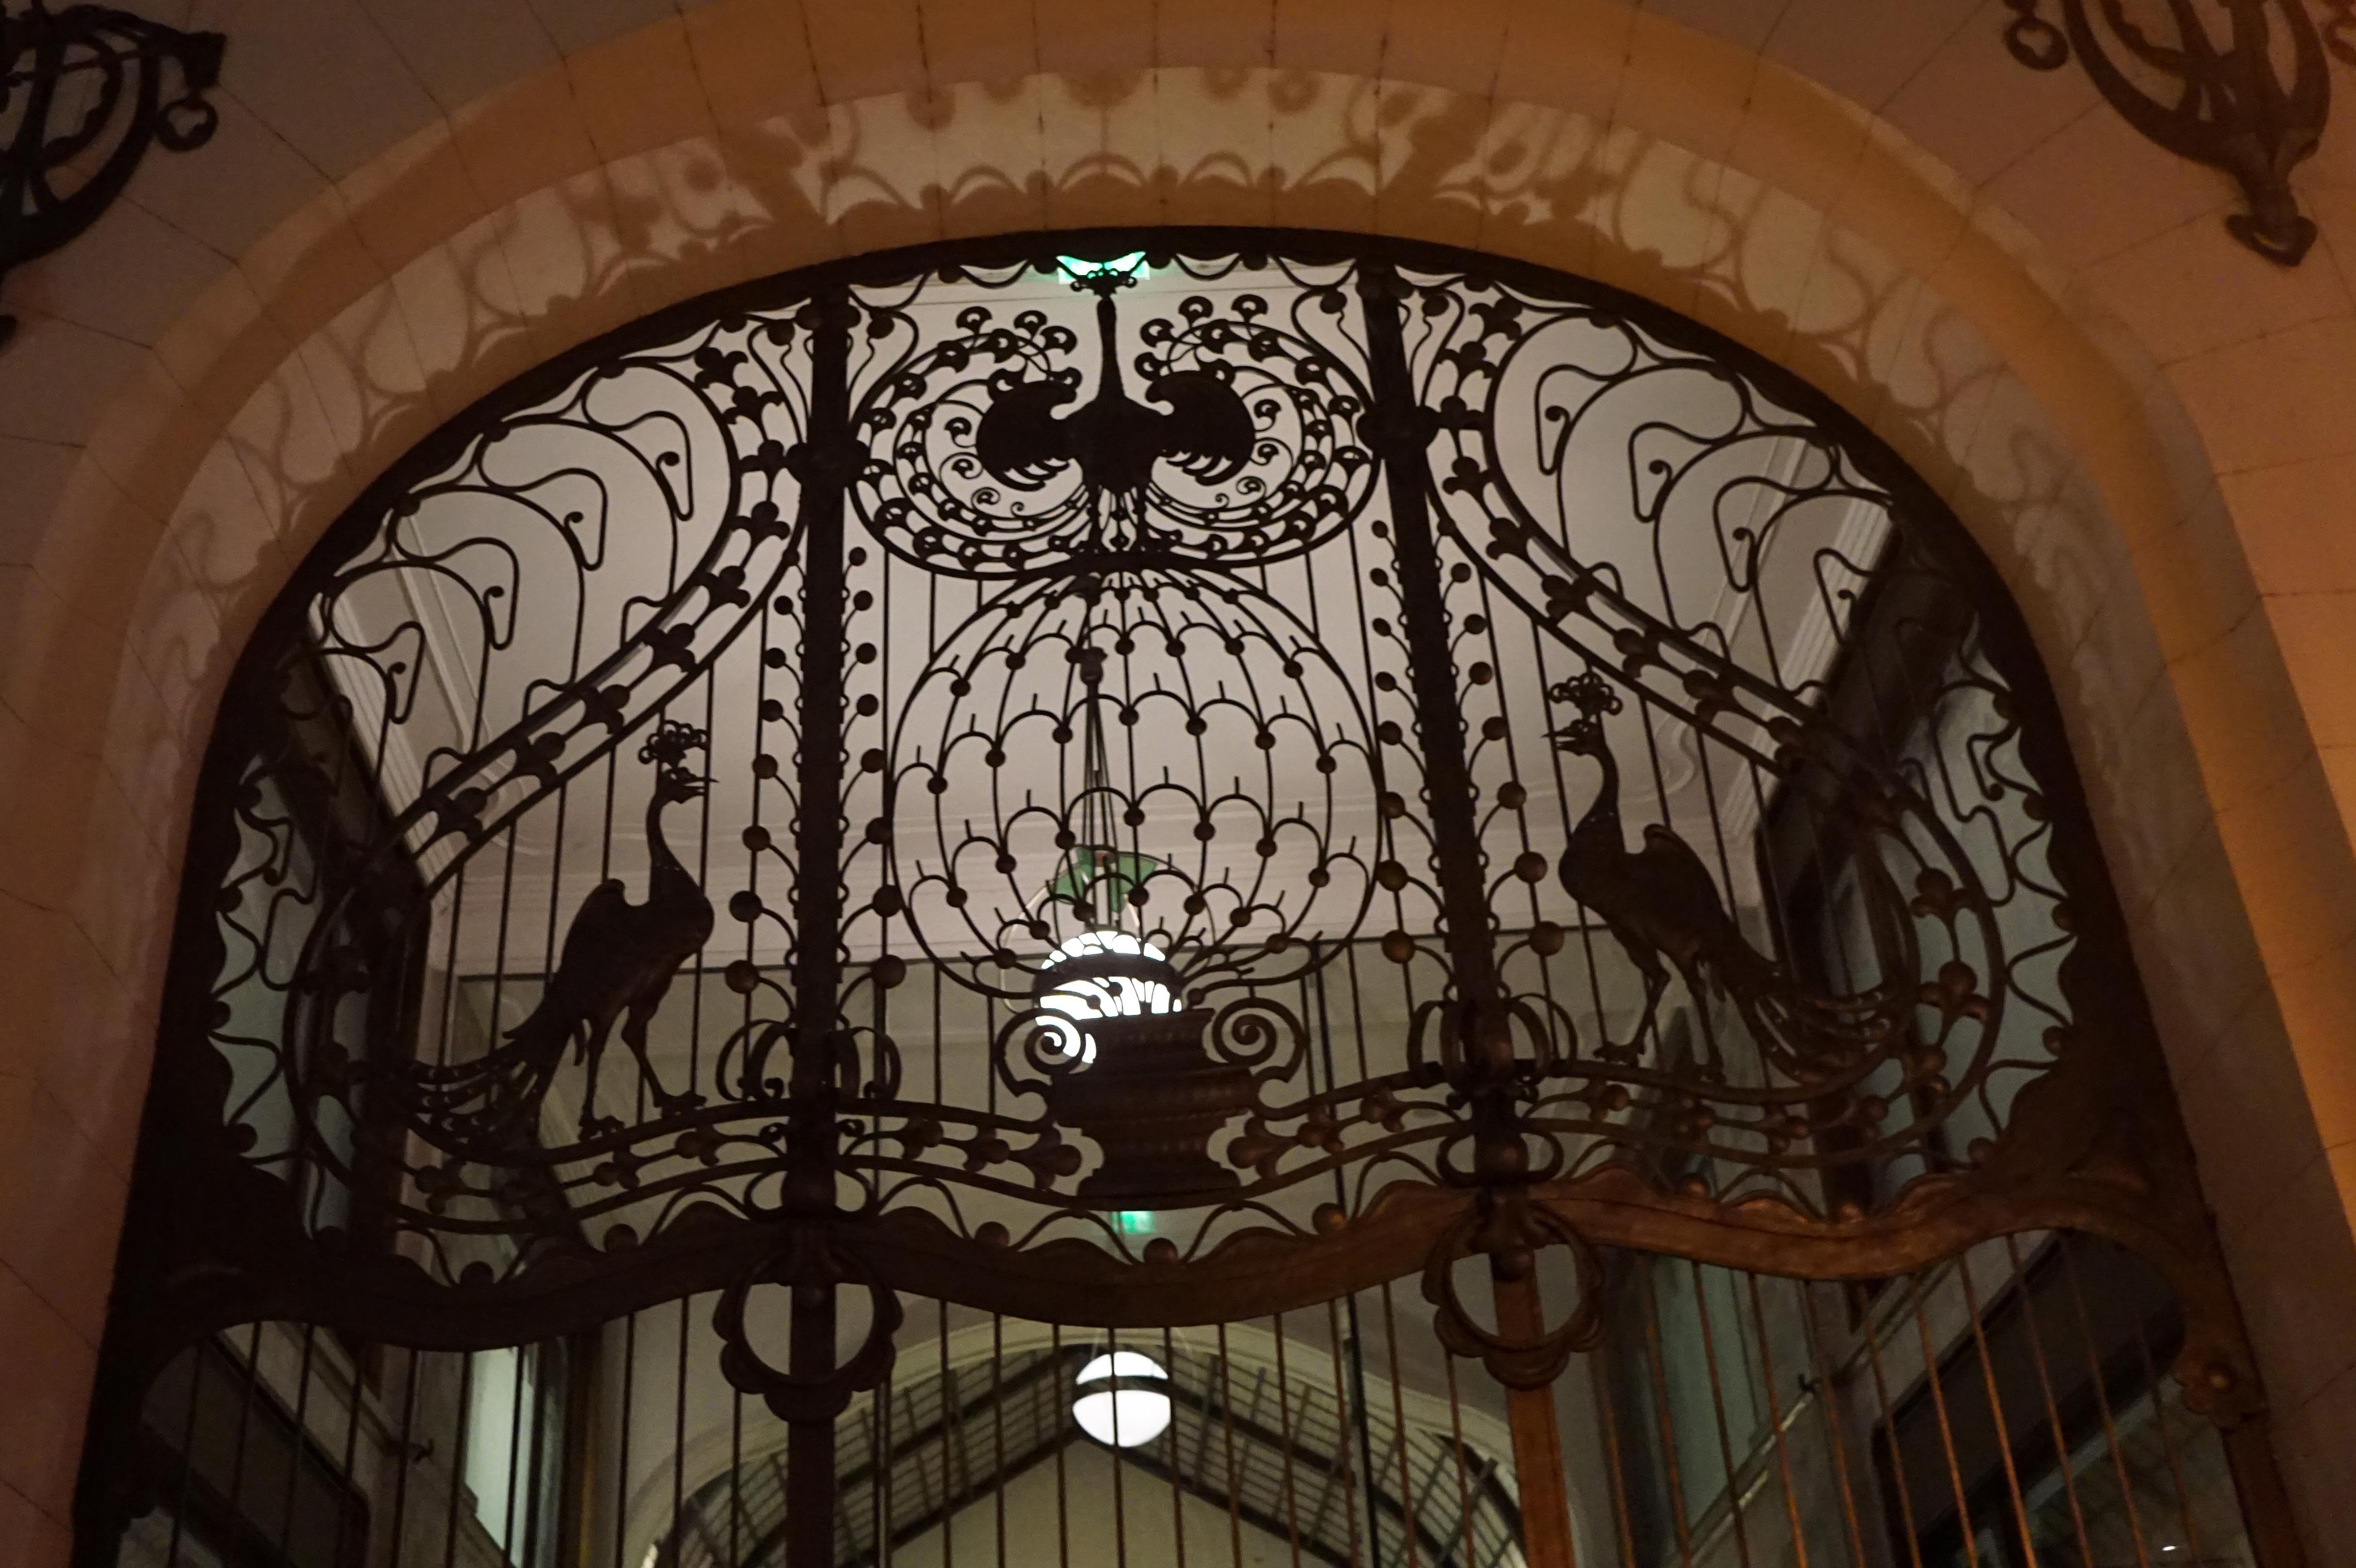 Art Noueau stilen på begynnelsen av 1900 tallet ble sterkt influert fra kunstnerene i Wien, da Ungarn på denne tiden var i union med Østerrike. Kunstnere og arkitekter tok stilen med seg hjem til Ungarn, skapte sin egen transylvanske stil baserte på den tradisjonelle folklorekunsten, som med sin særegne fargebruke var utbredt i landet. Kunstneren Lajos fikk utfolde seg, og i dag kan vi finne mange av hans arbeider i Budapest, som her smijernsporten på det ekslusive hotellet Gresham Palace.